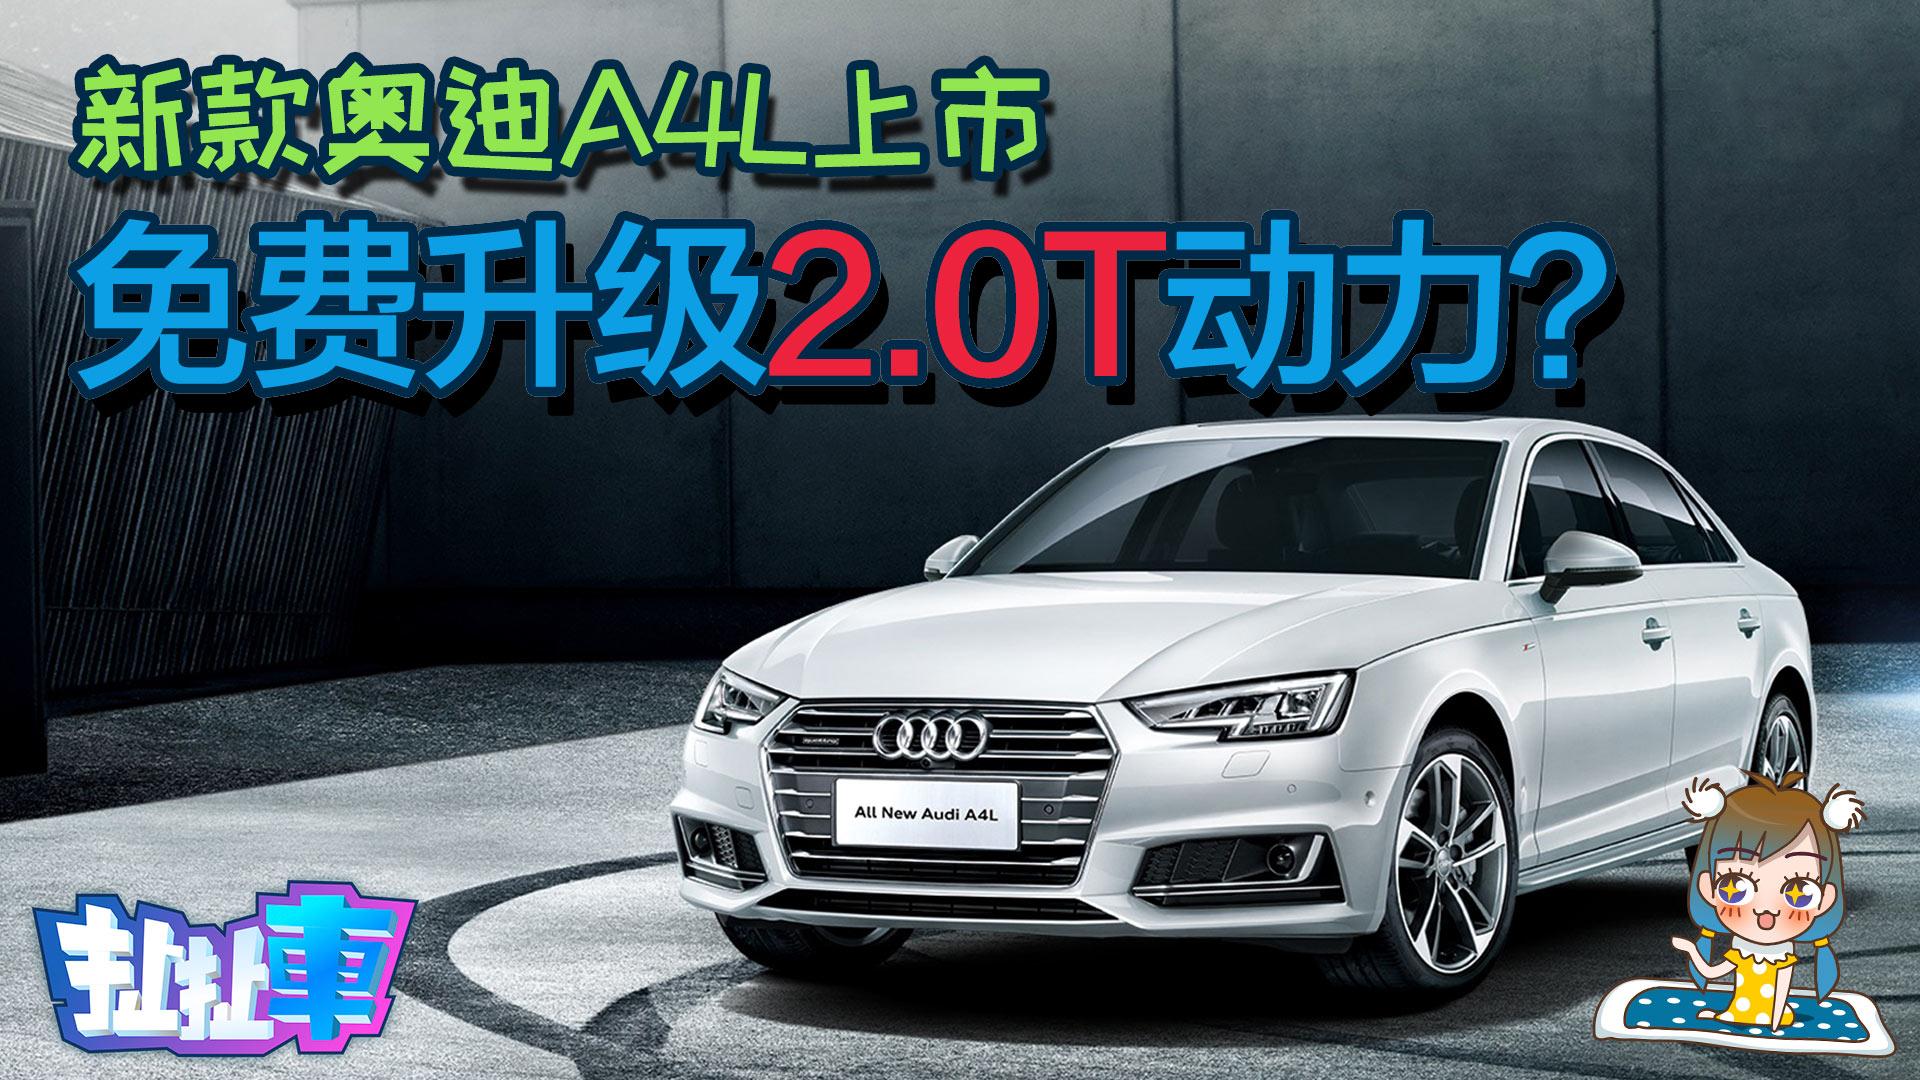 【扯扯车】新款奥迪A4L升级S-line套件 1.4T动力可免费升至2.0T